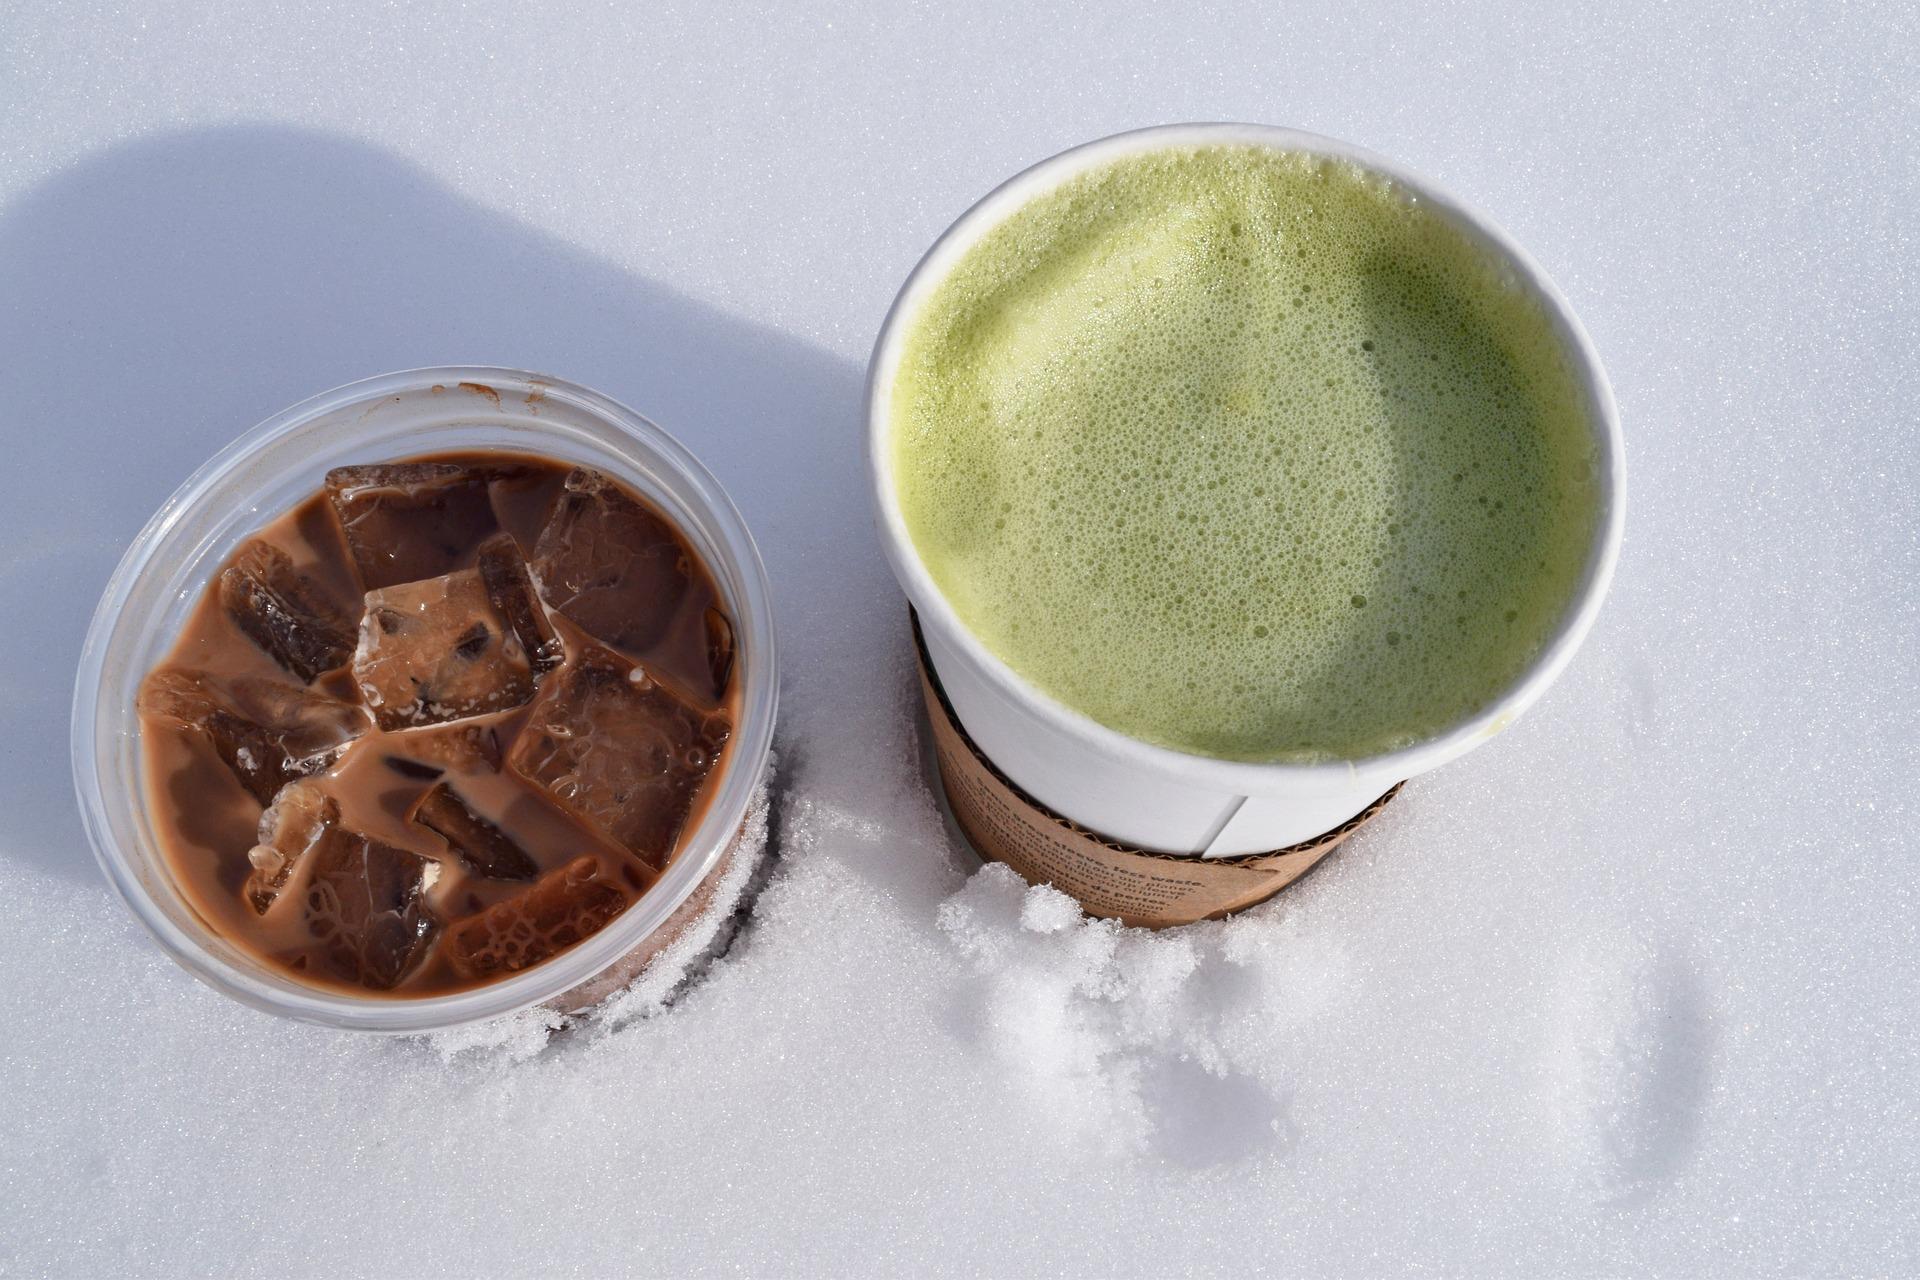 Coffee matcha latte